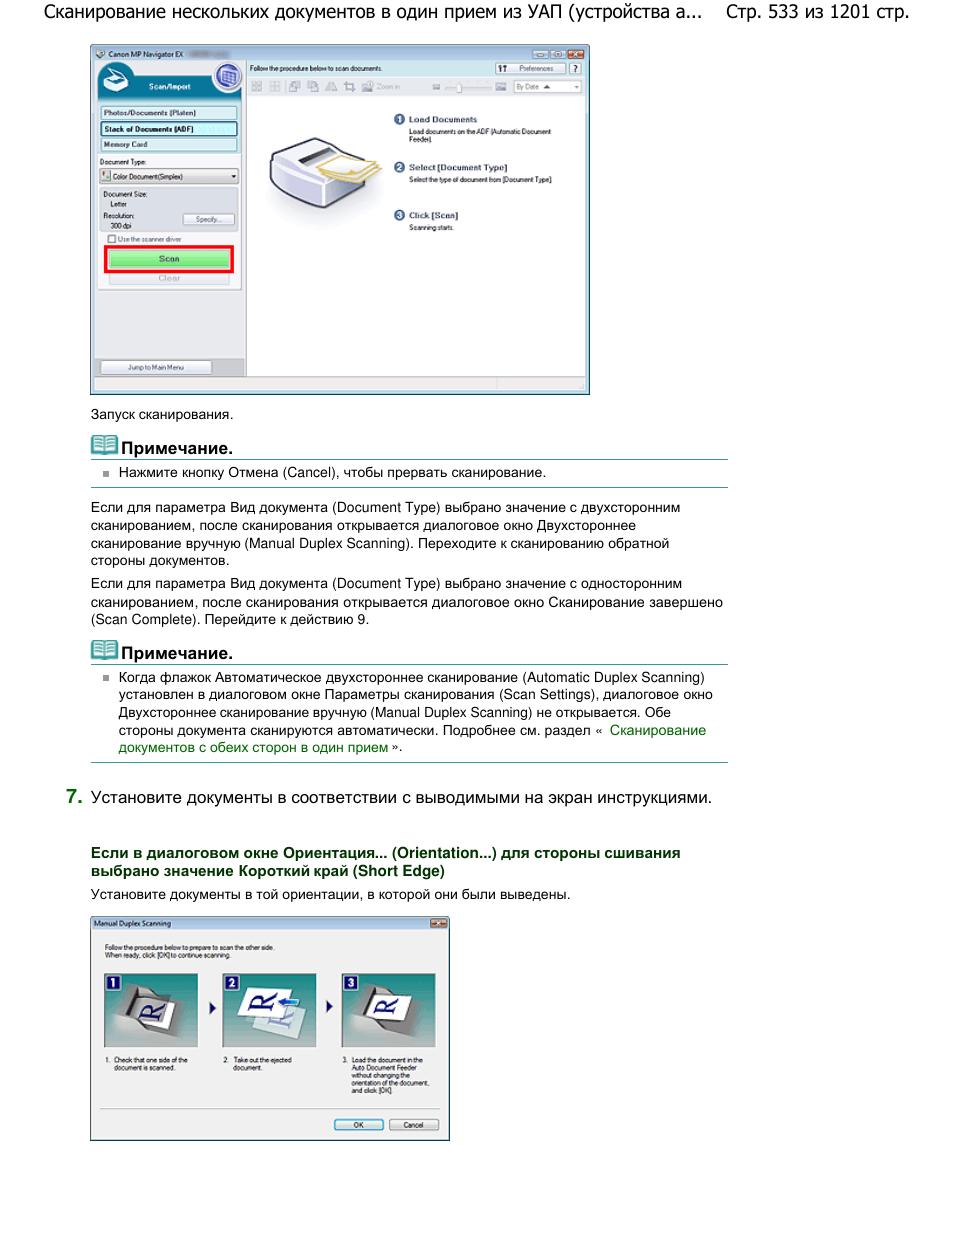 Как отсканировать сшитый документ одним файлом 90